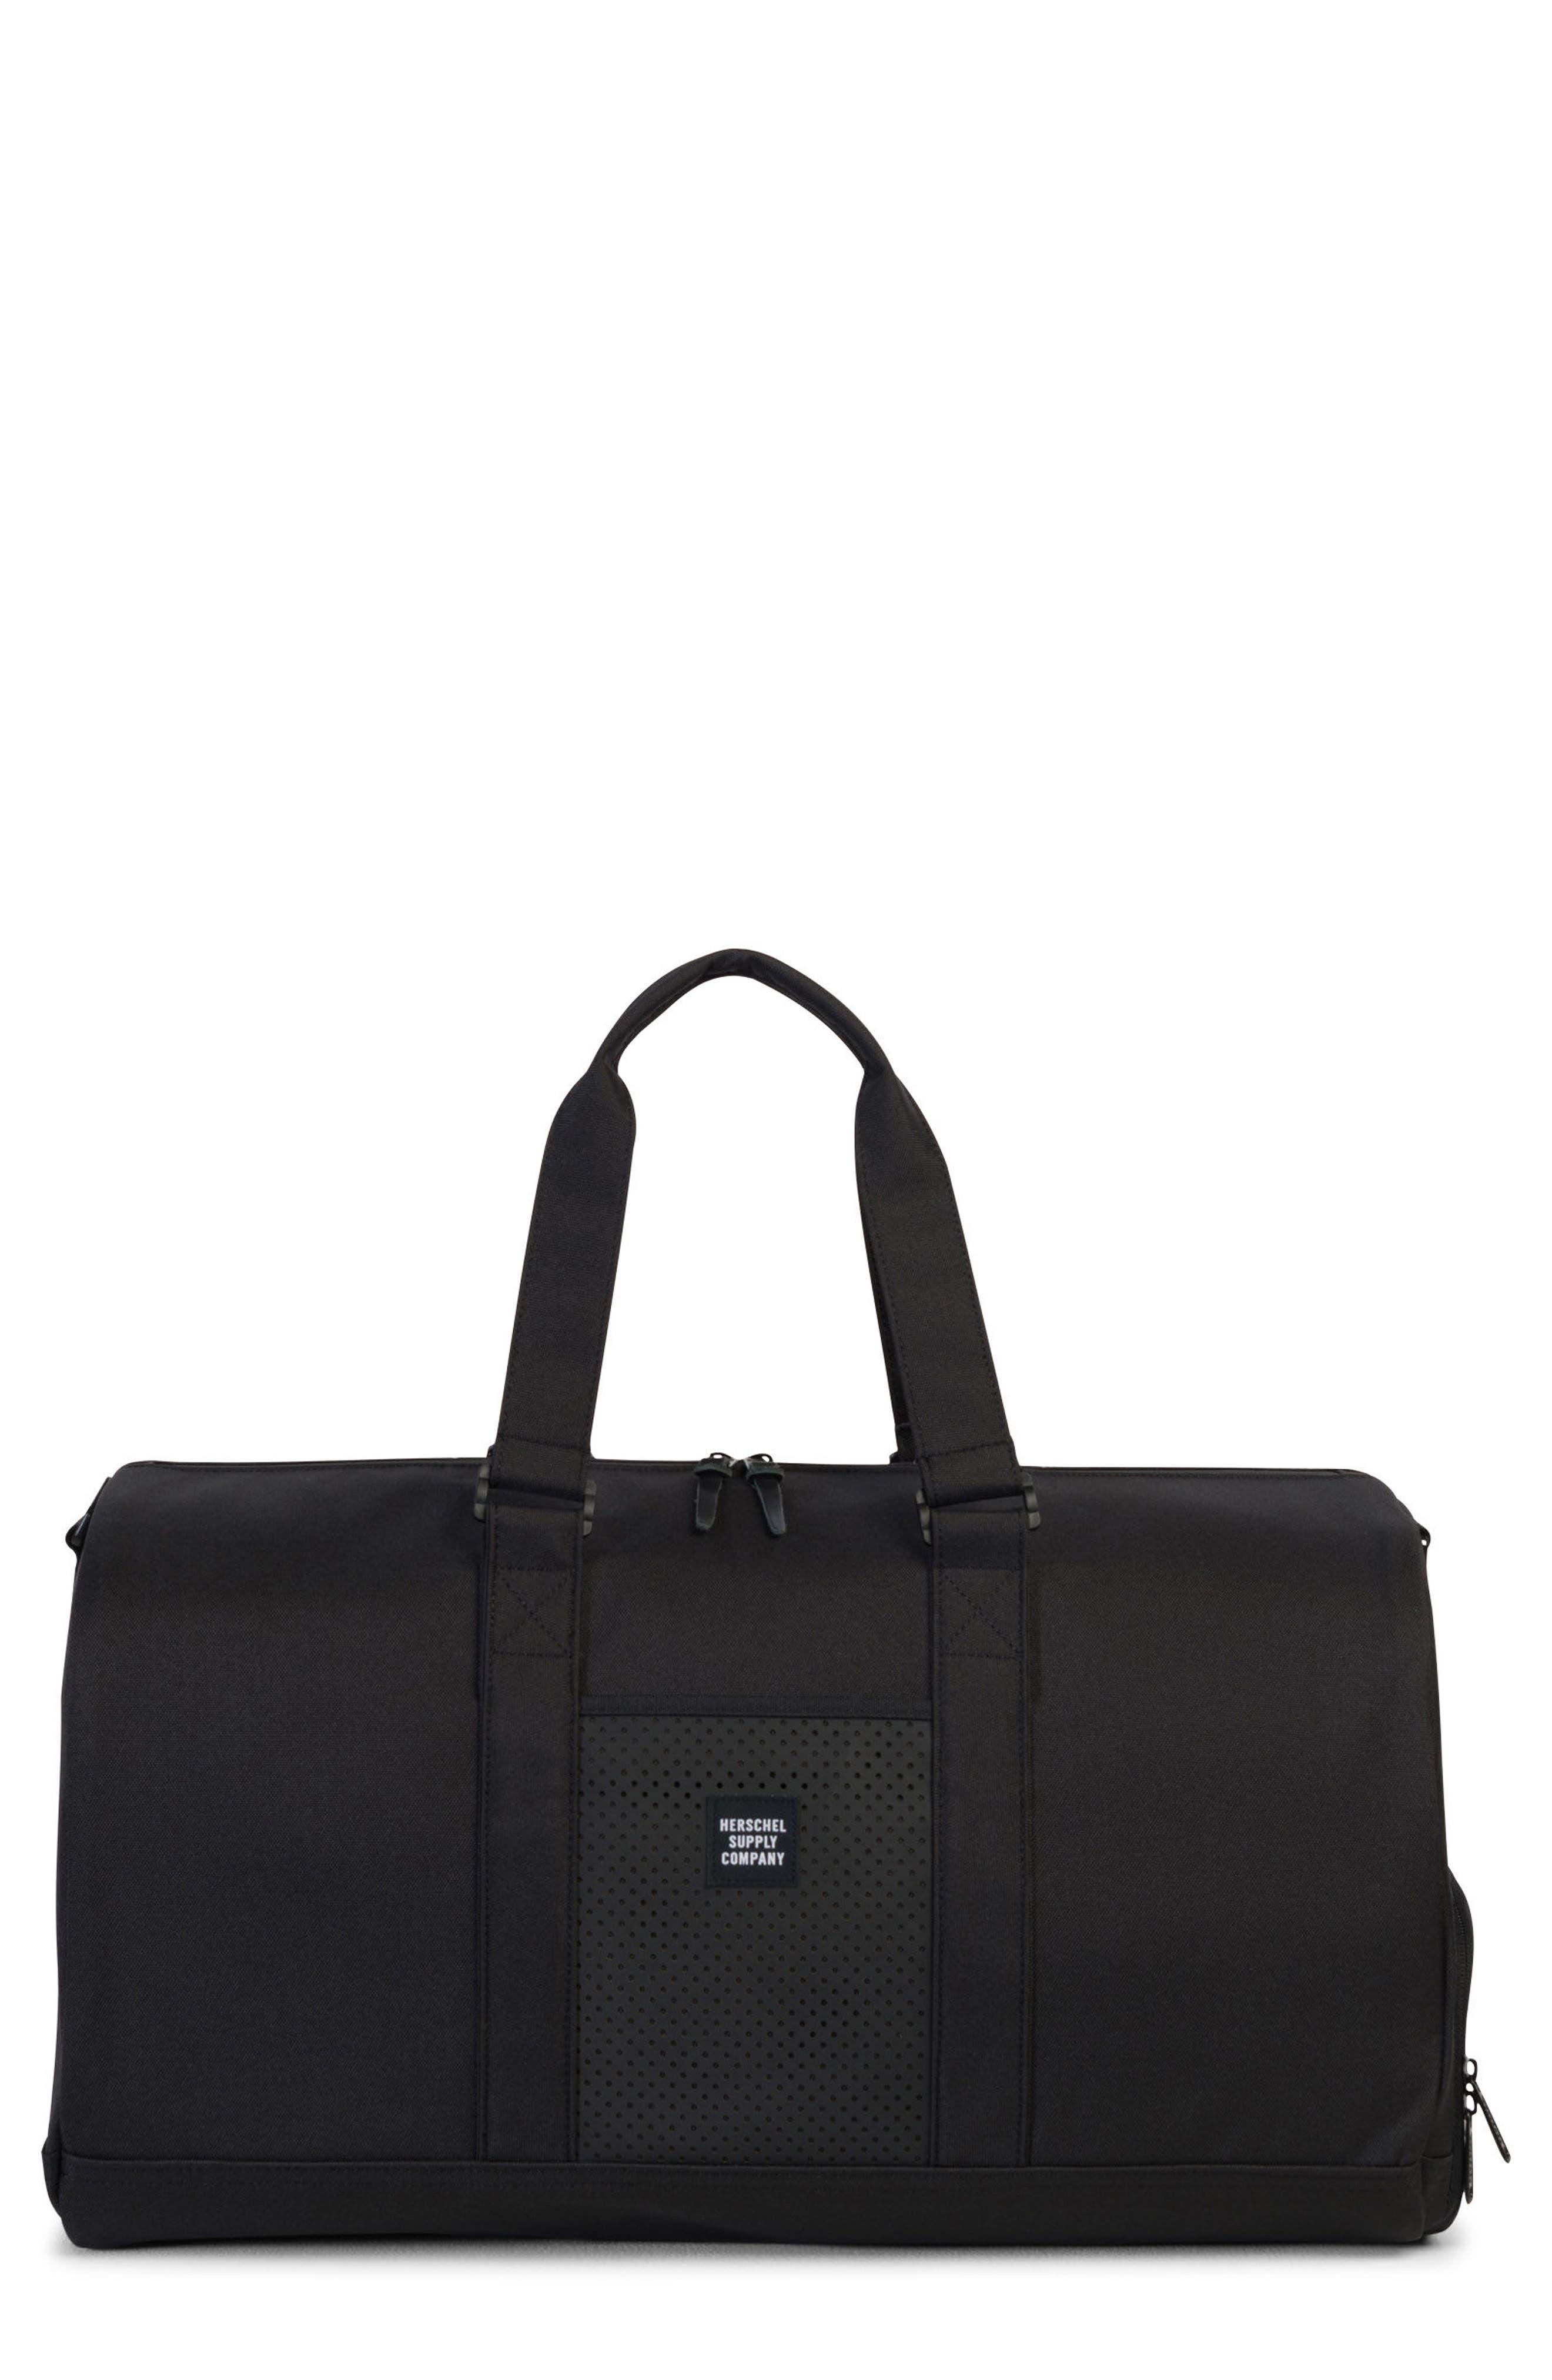 Herschel Supply Co. 'Novel - Aspect' Duffel Bag